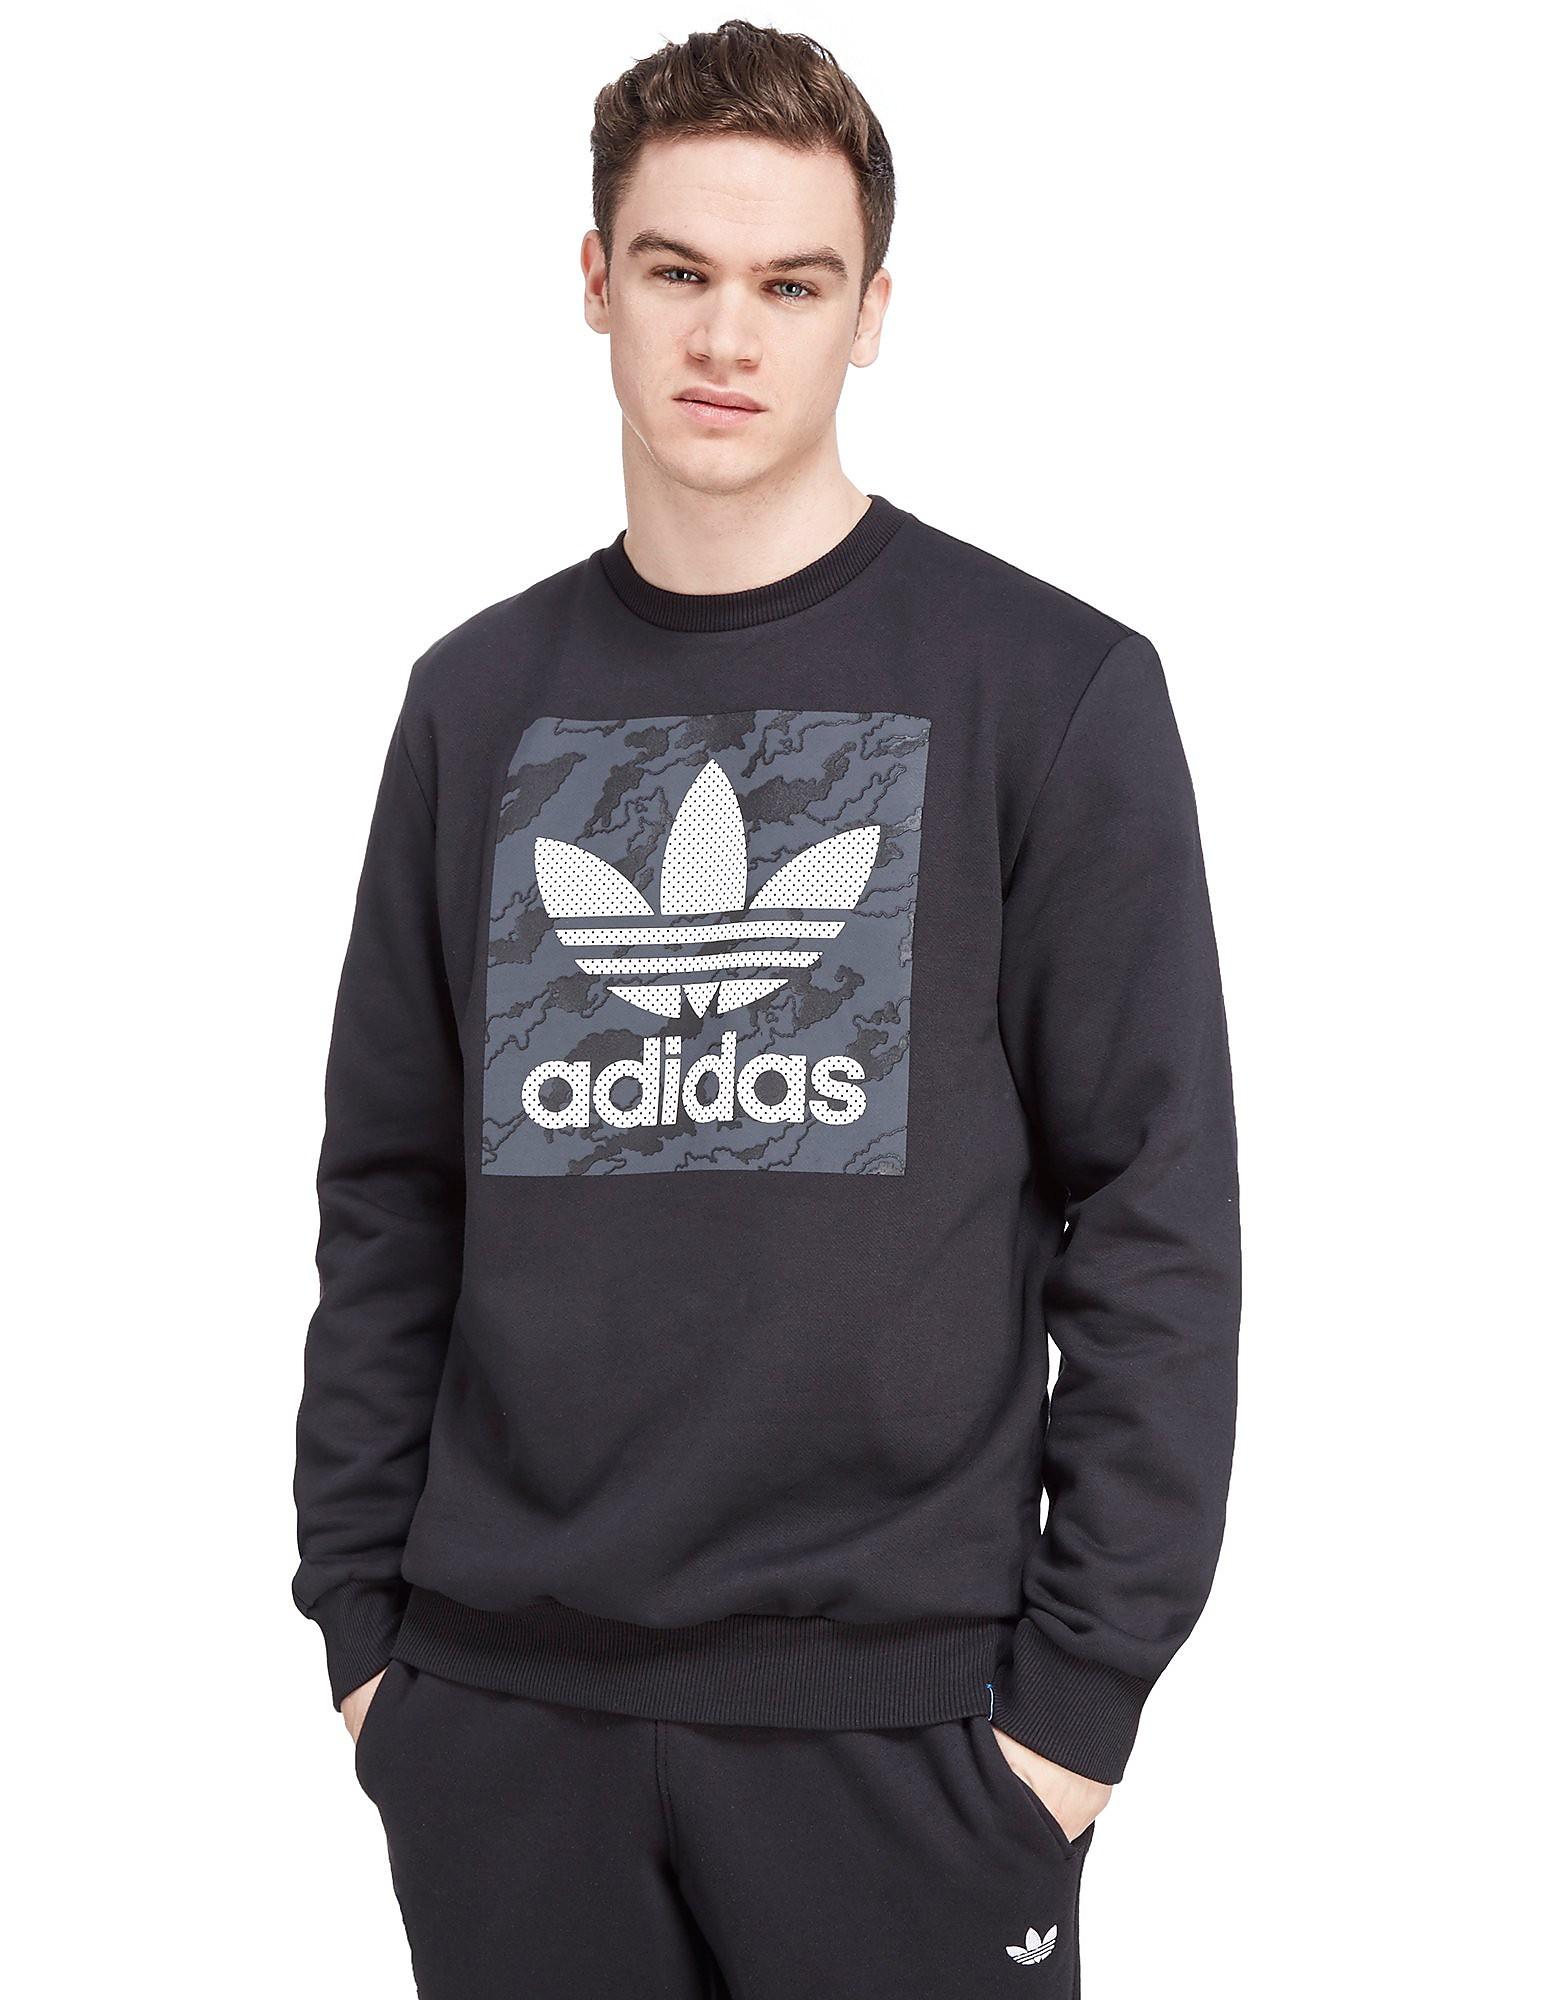 adidas Originals Camo Sweatshirt